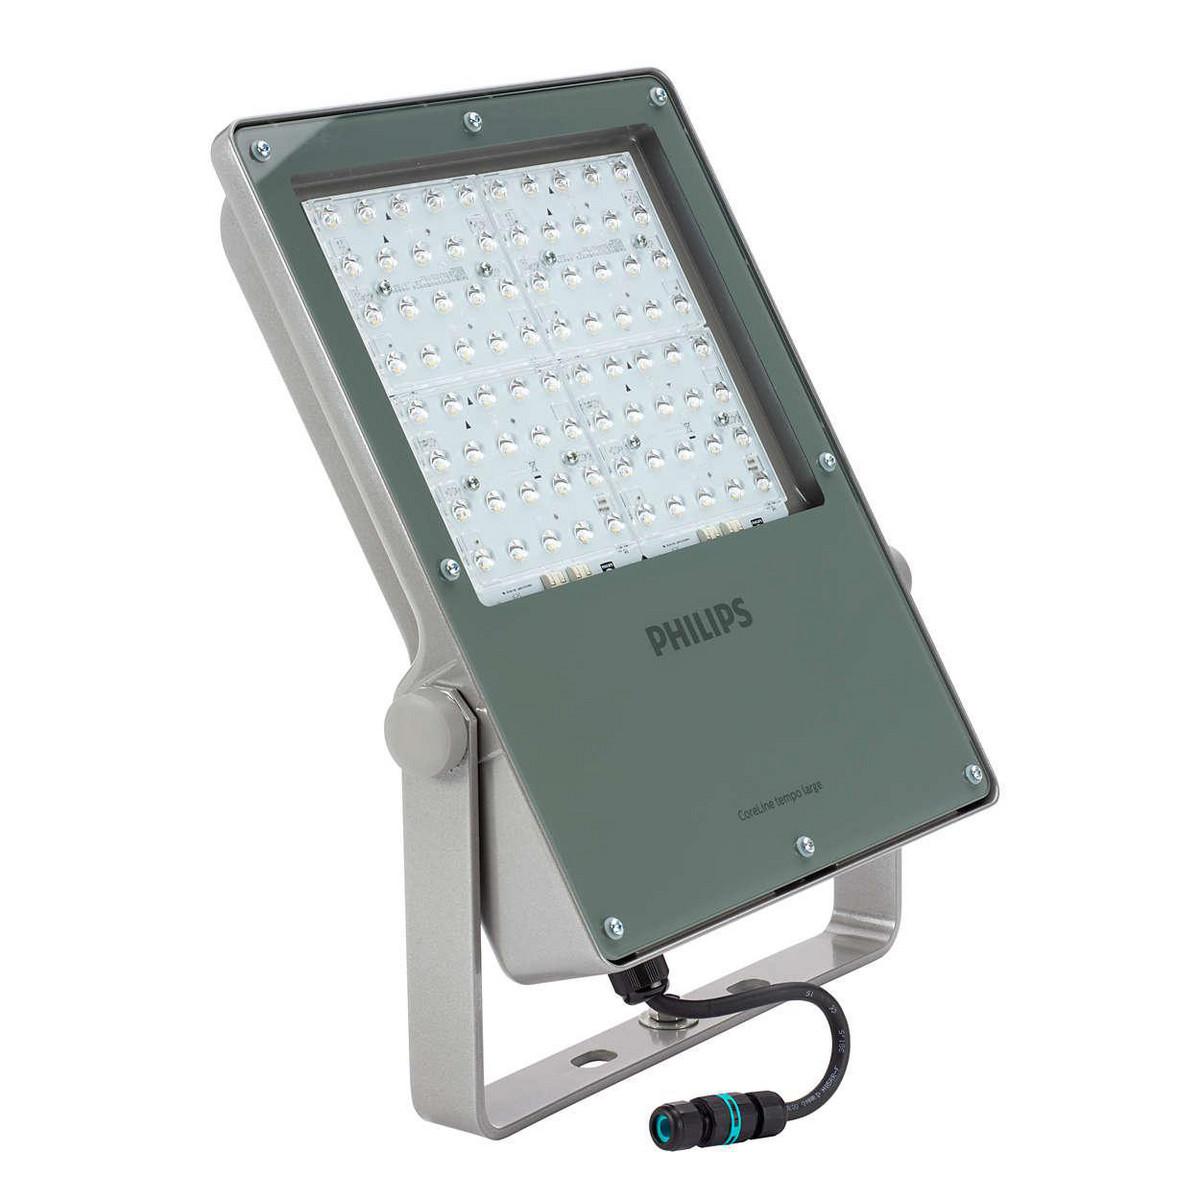 Philips CoreLine Tempo Projektør BVP130 21000Lm/740 162W IP65 IK08 Symmetrisk